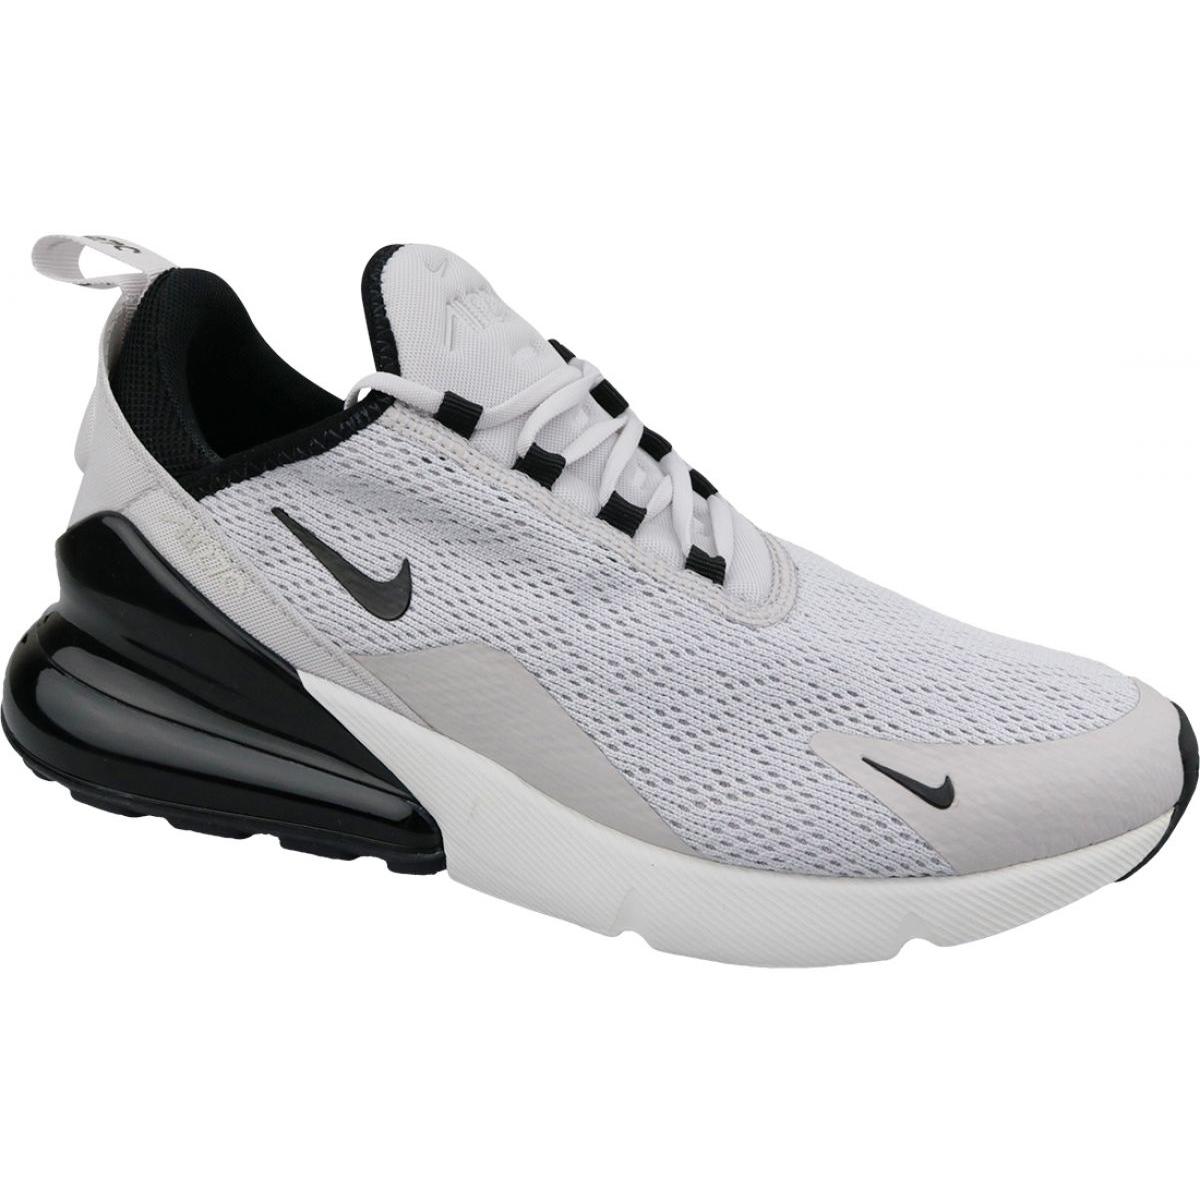 Weiß Nike Air Max 270 W AH6789 012 Schuhe